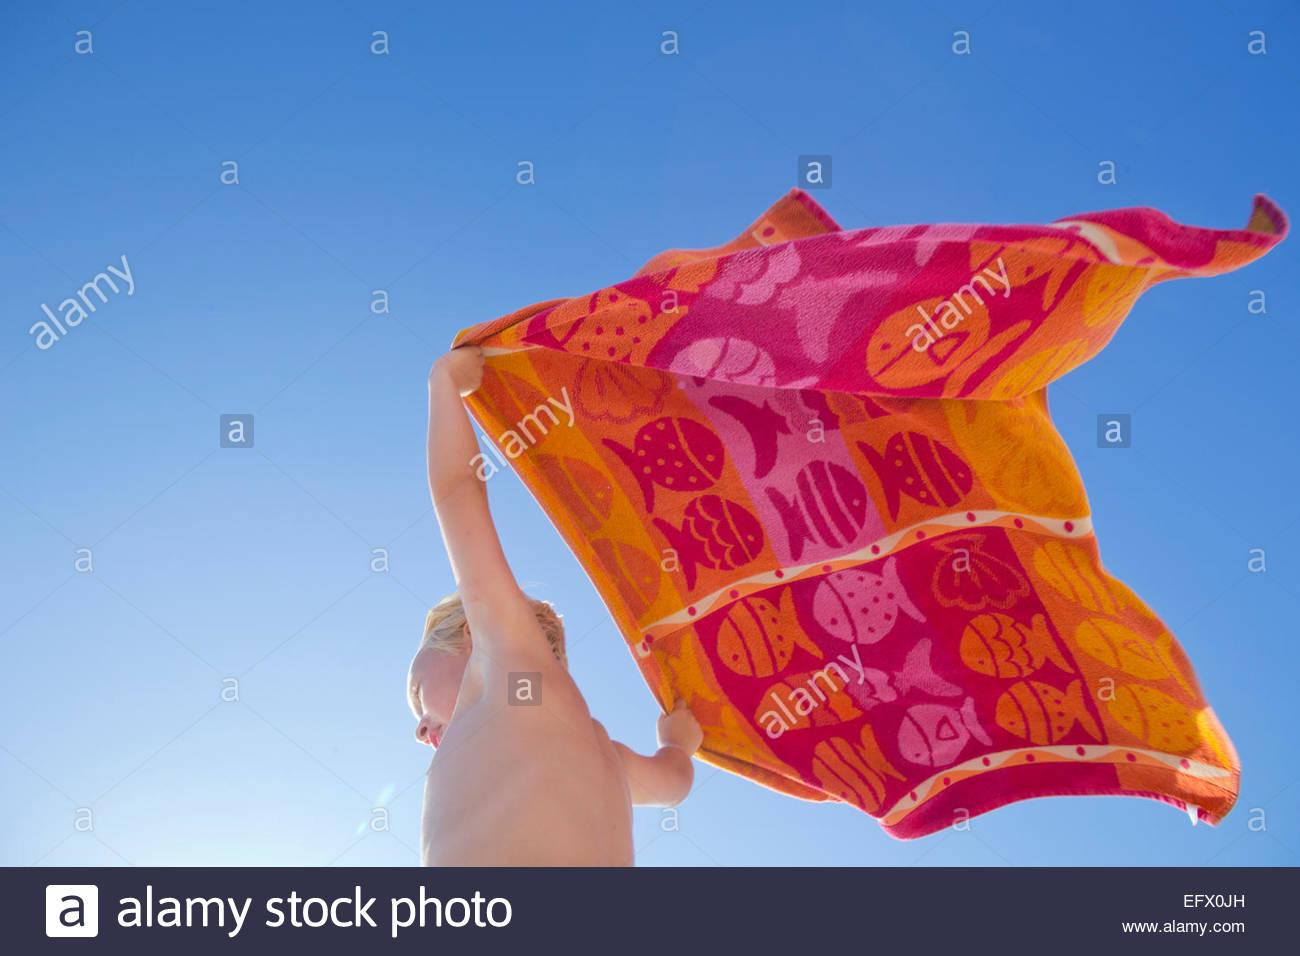 Ritratto di ragazzo holding asciugamano sopra la testa nel vento di sunny beach Immagini Stock